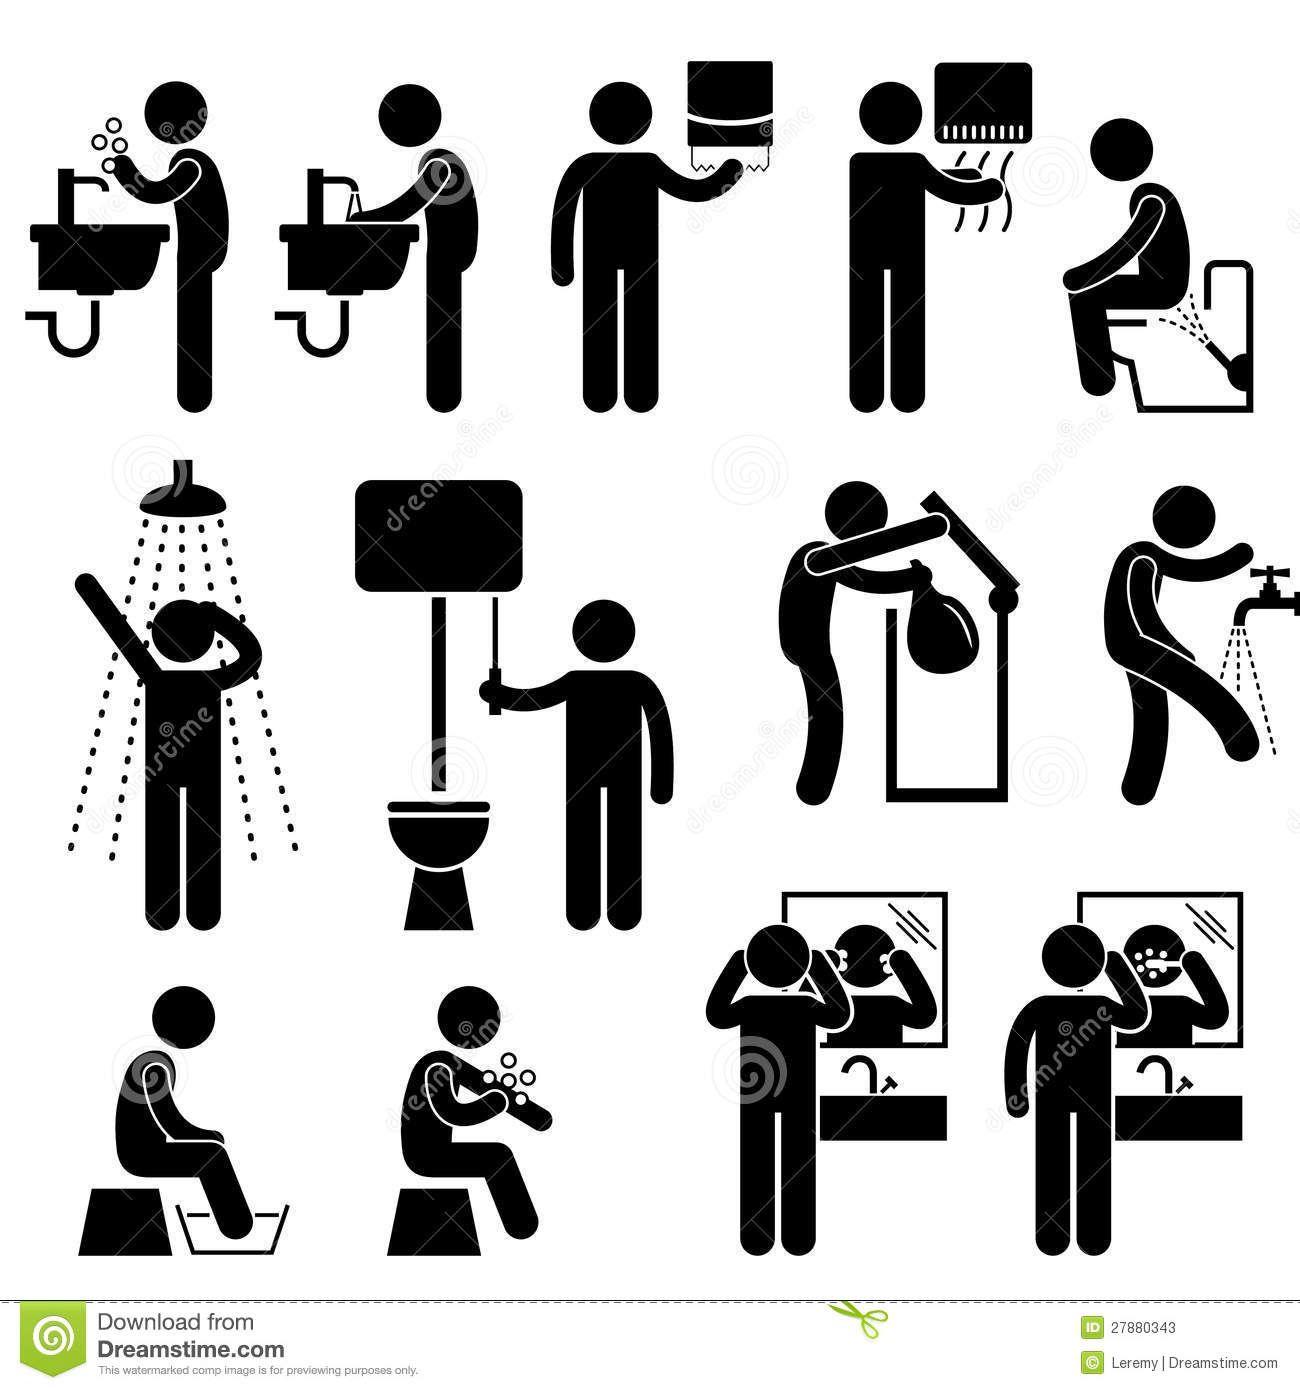 hygi u00e8ne personnelle dans le pictogramme de toilette